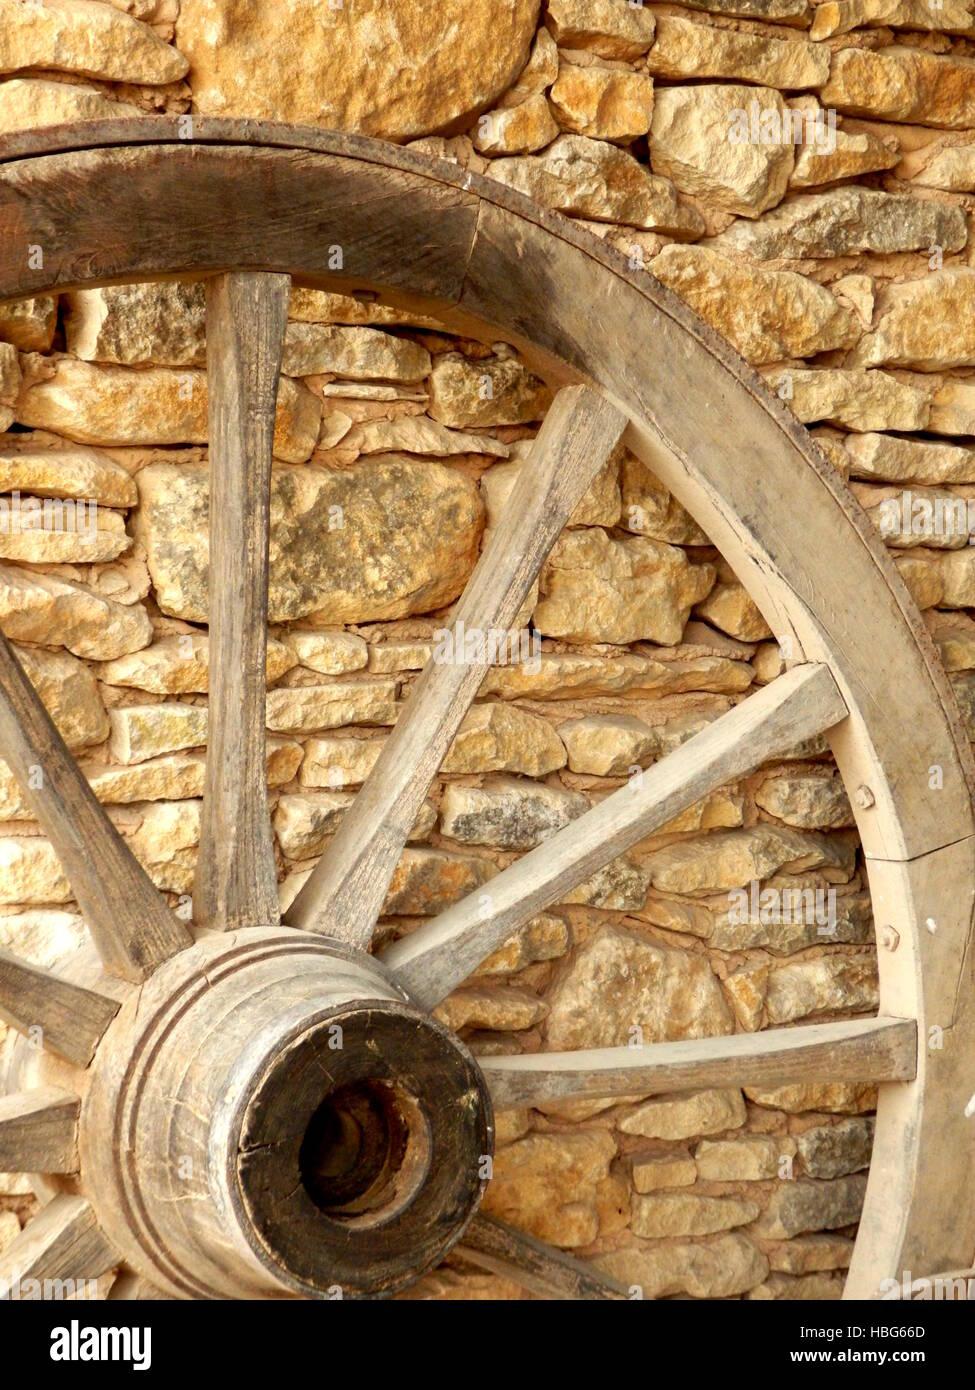 Cartwheel - Stock Image